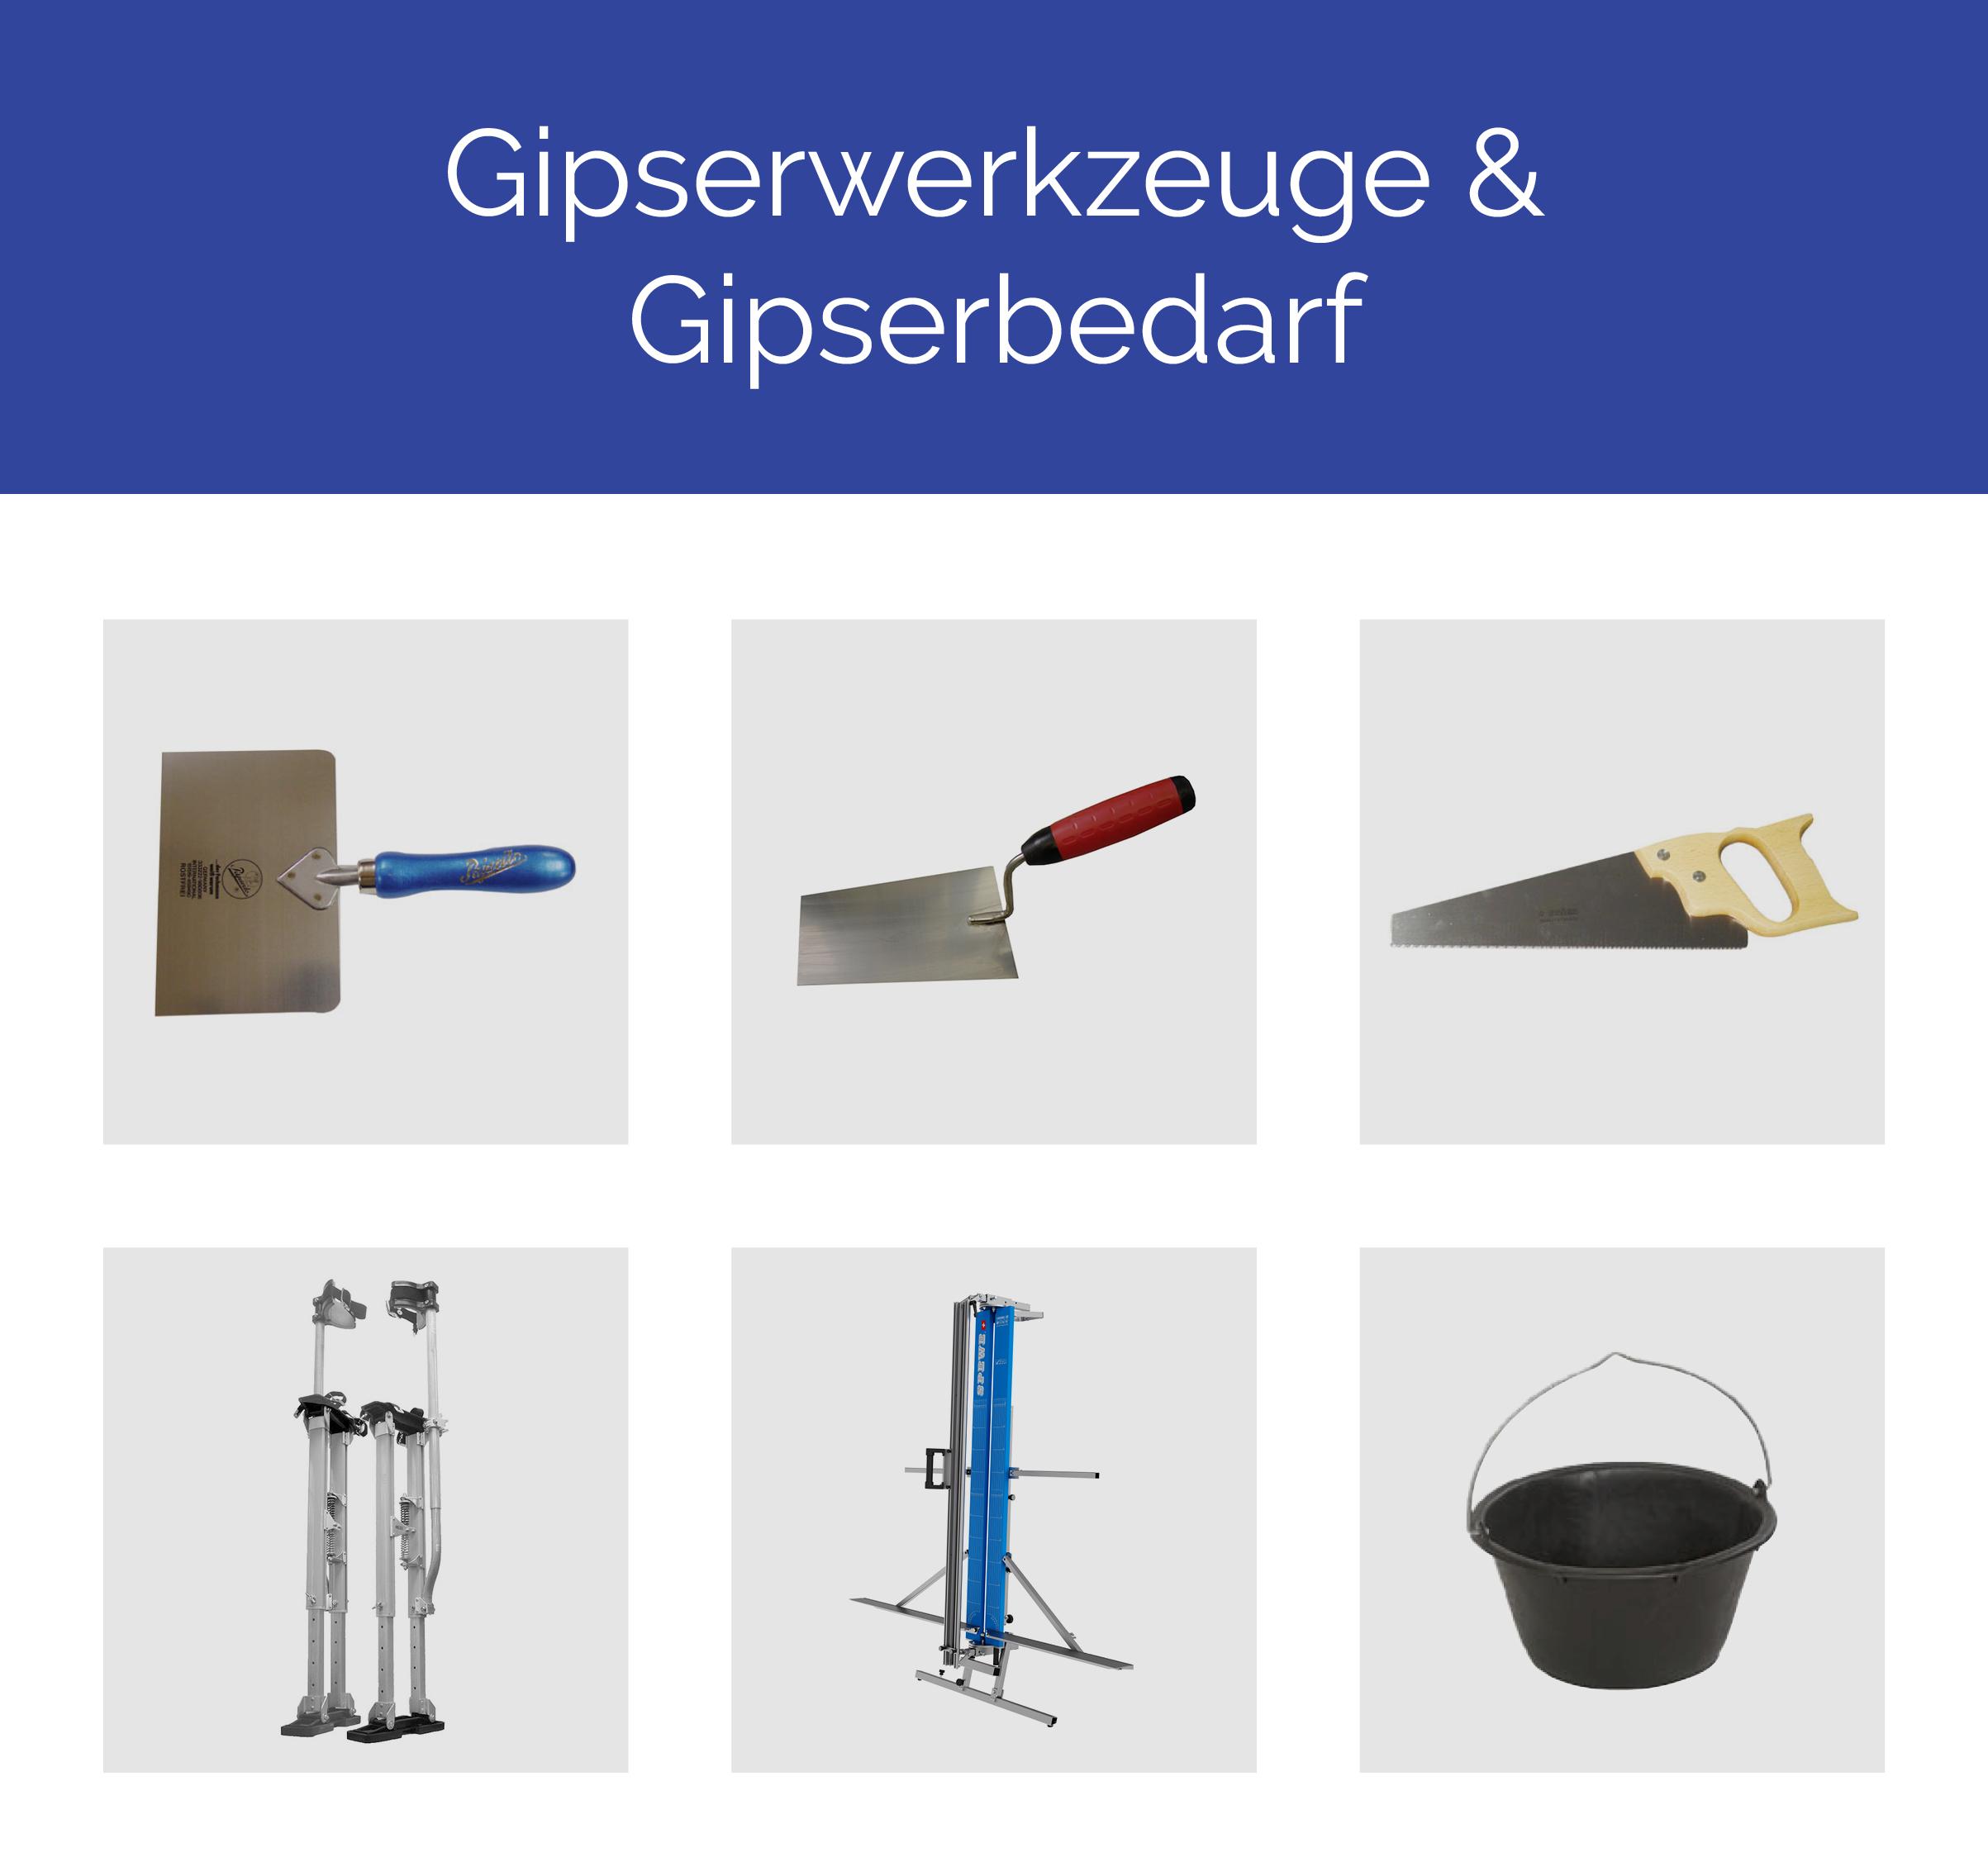 Gipserwerkzeuge, Gipserbedarf